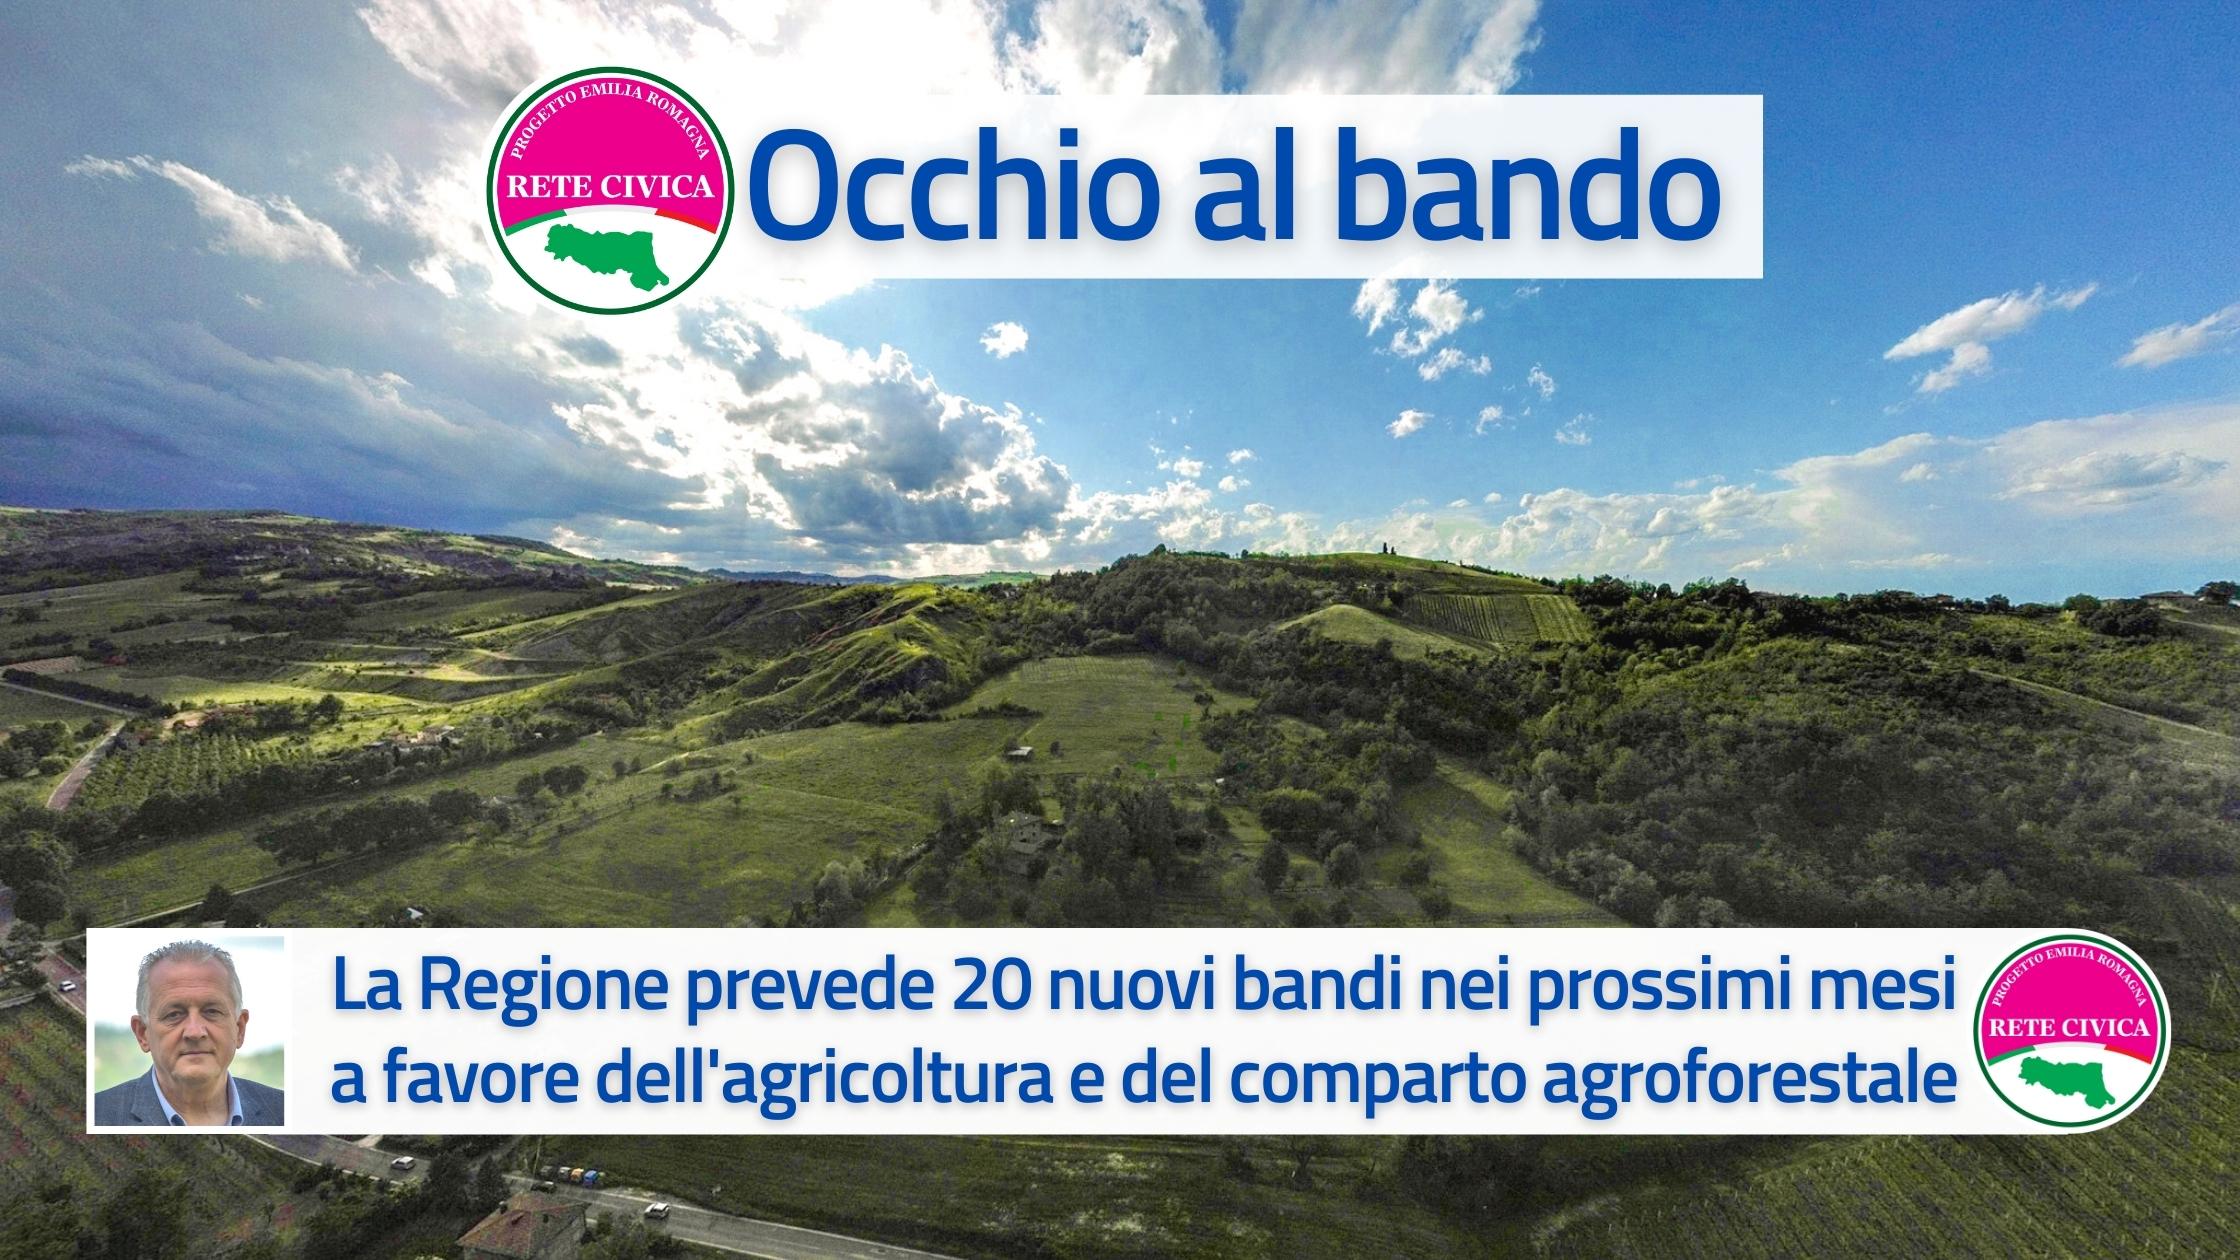 Marco Mastacchi - occhio al bando Agricoltura